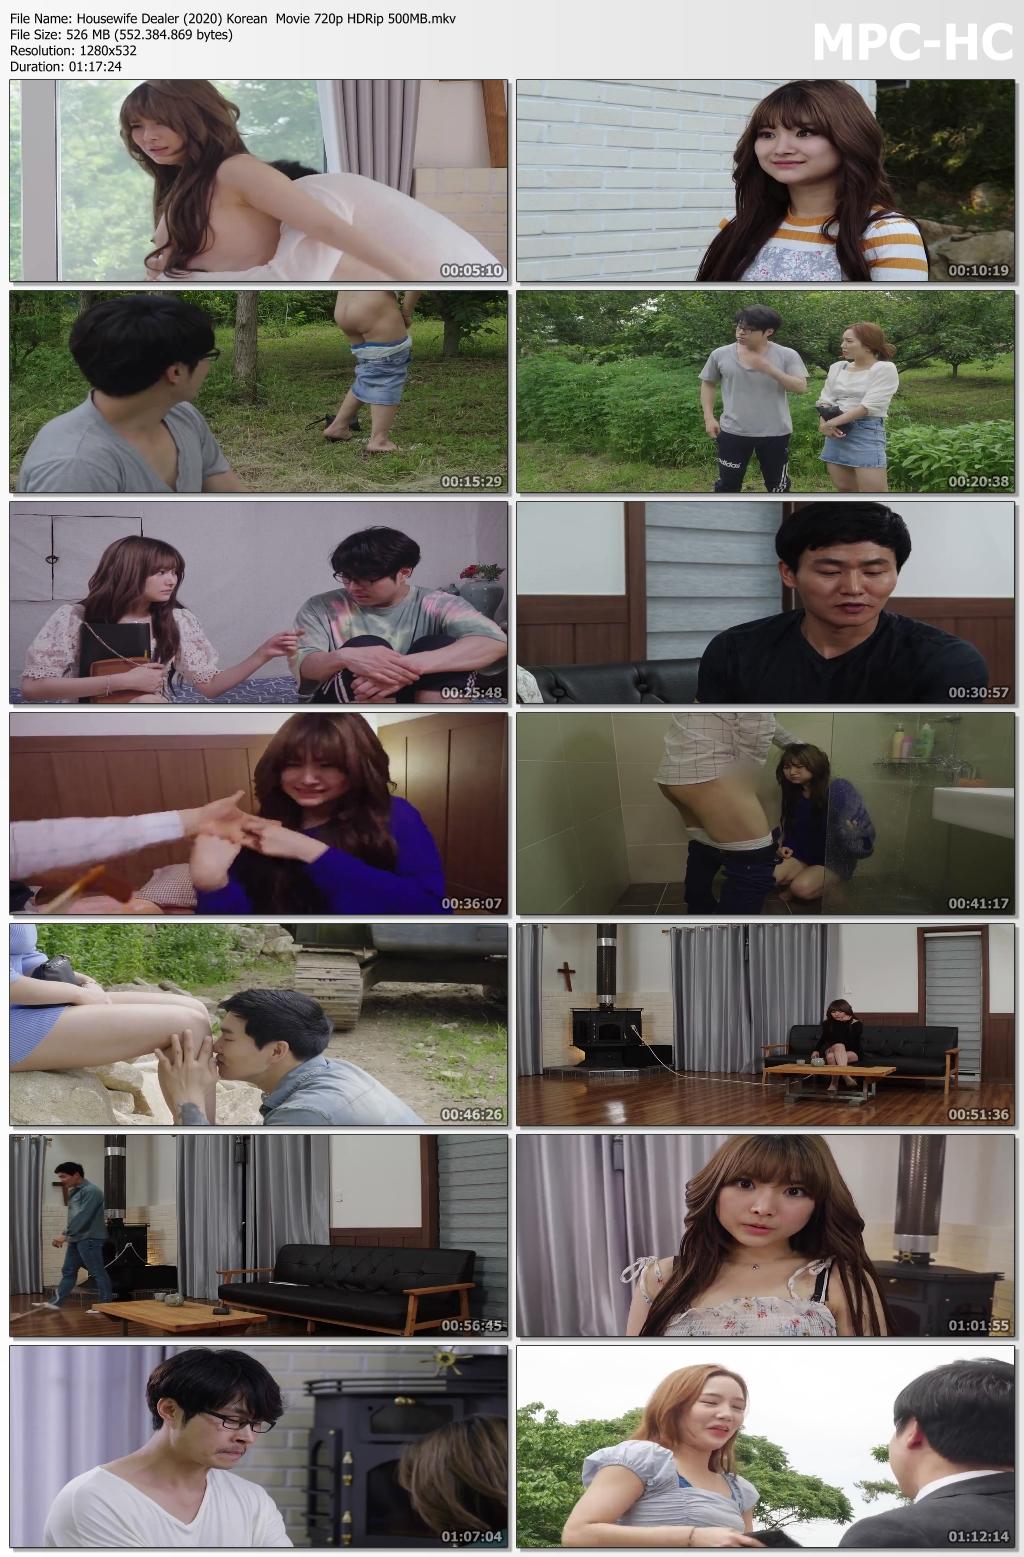 Housewife-Dealer-2020-Korean-Movie-720p-HDRip-500-MB-mkv-thumbs